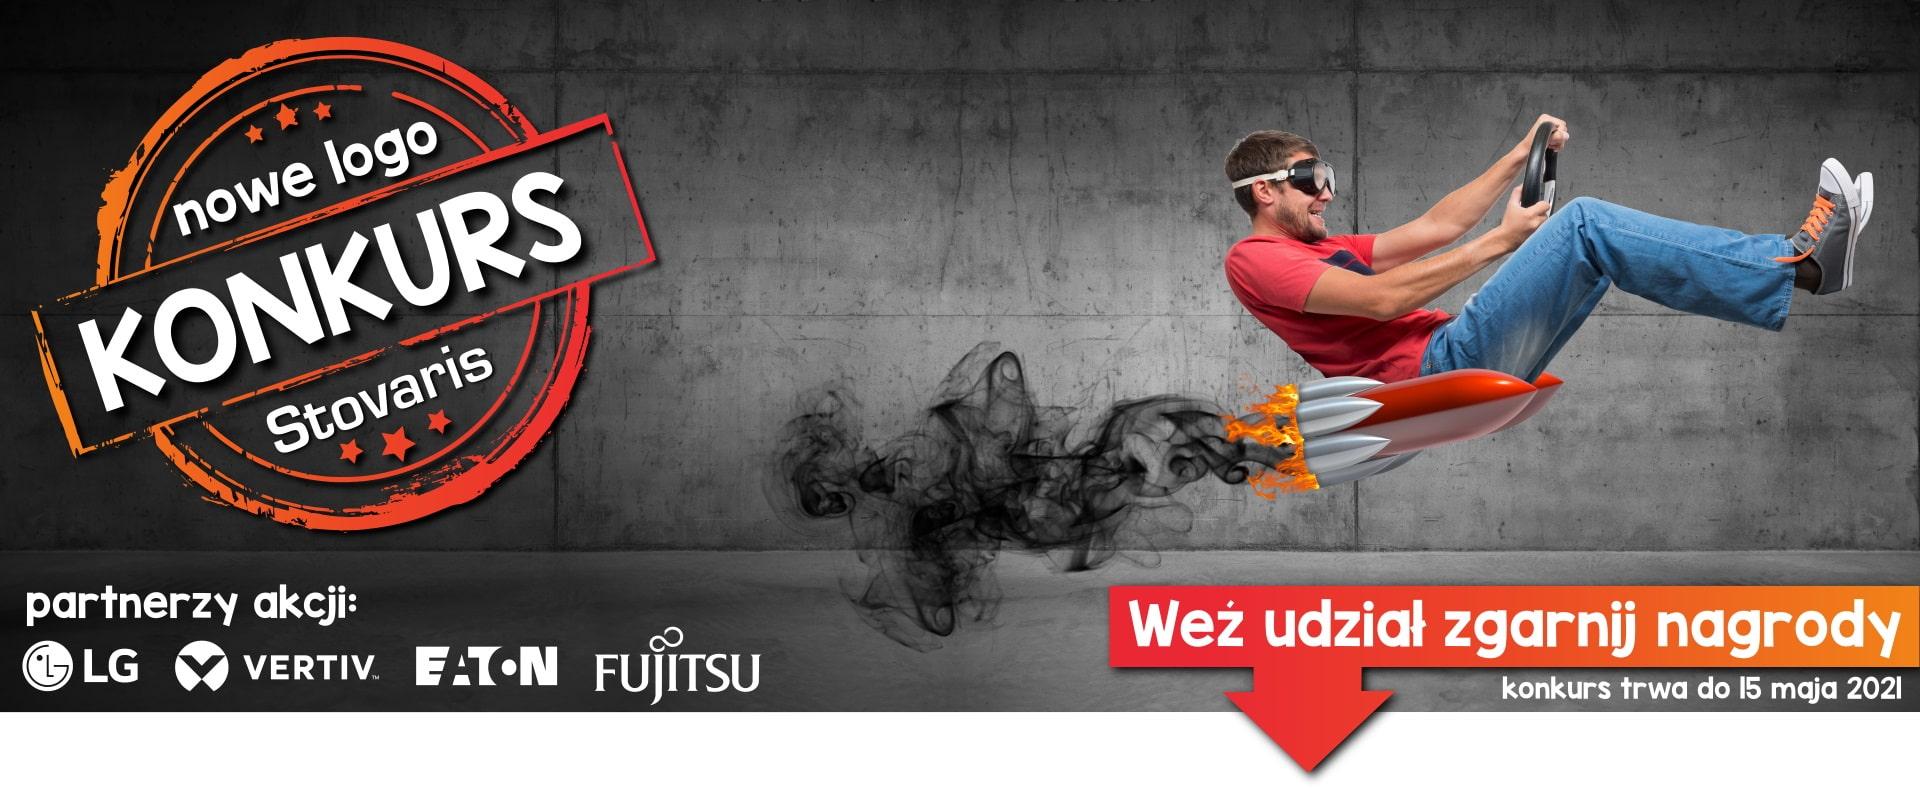 KONKURS nowe logo Stovaris - header